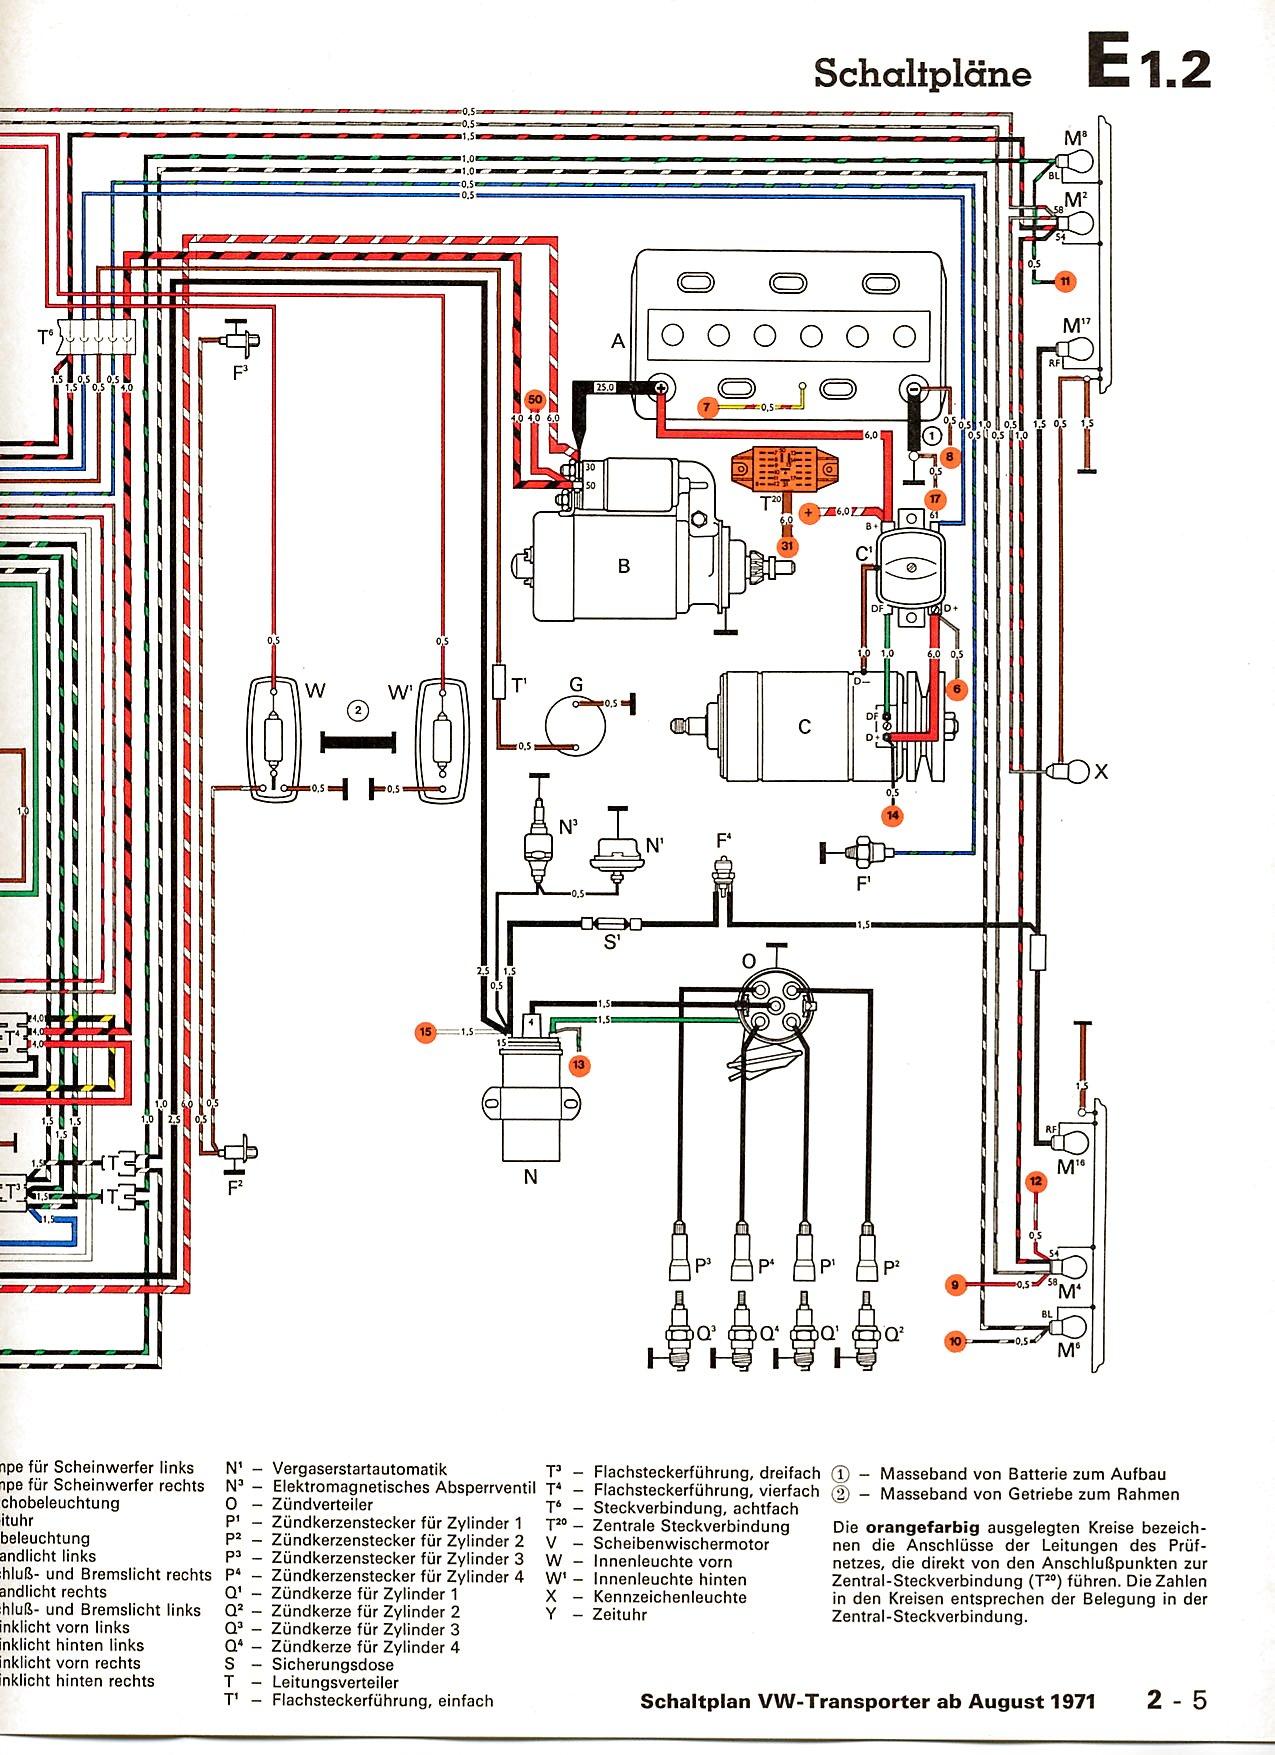 Brilliant Vw Wiring Diagram Basic Electronics Wiring Diagram Wiring Cloud Monangrecoveryedborg